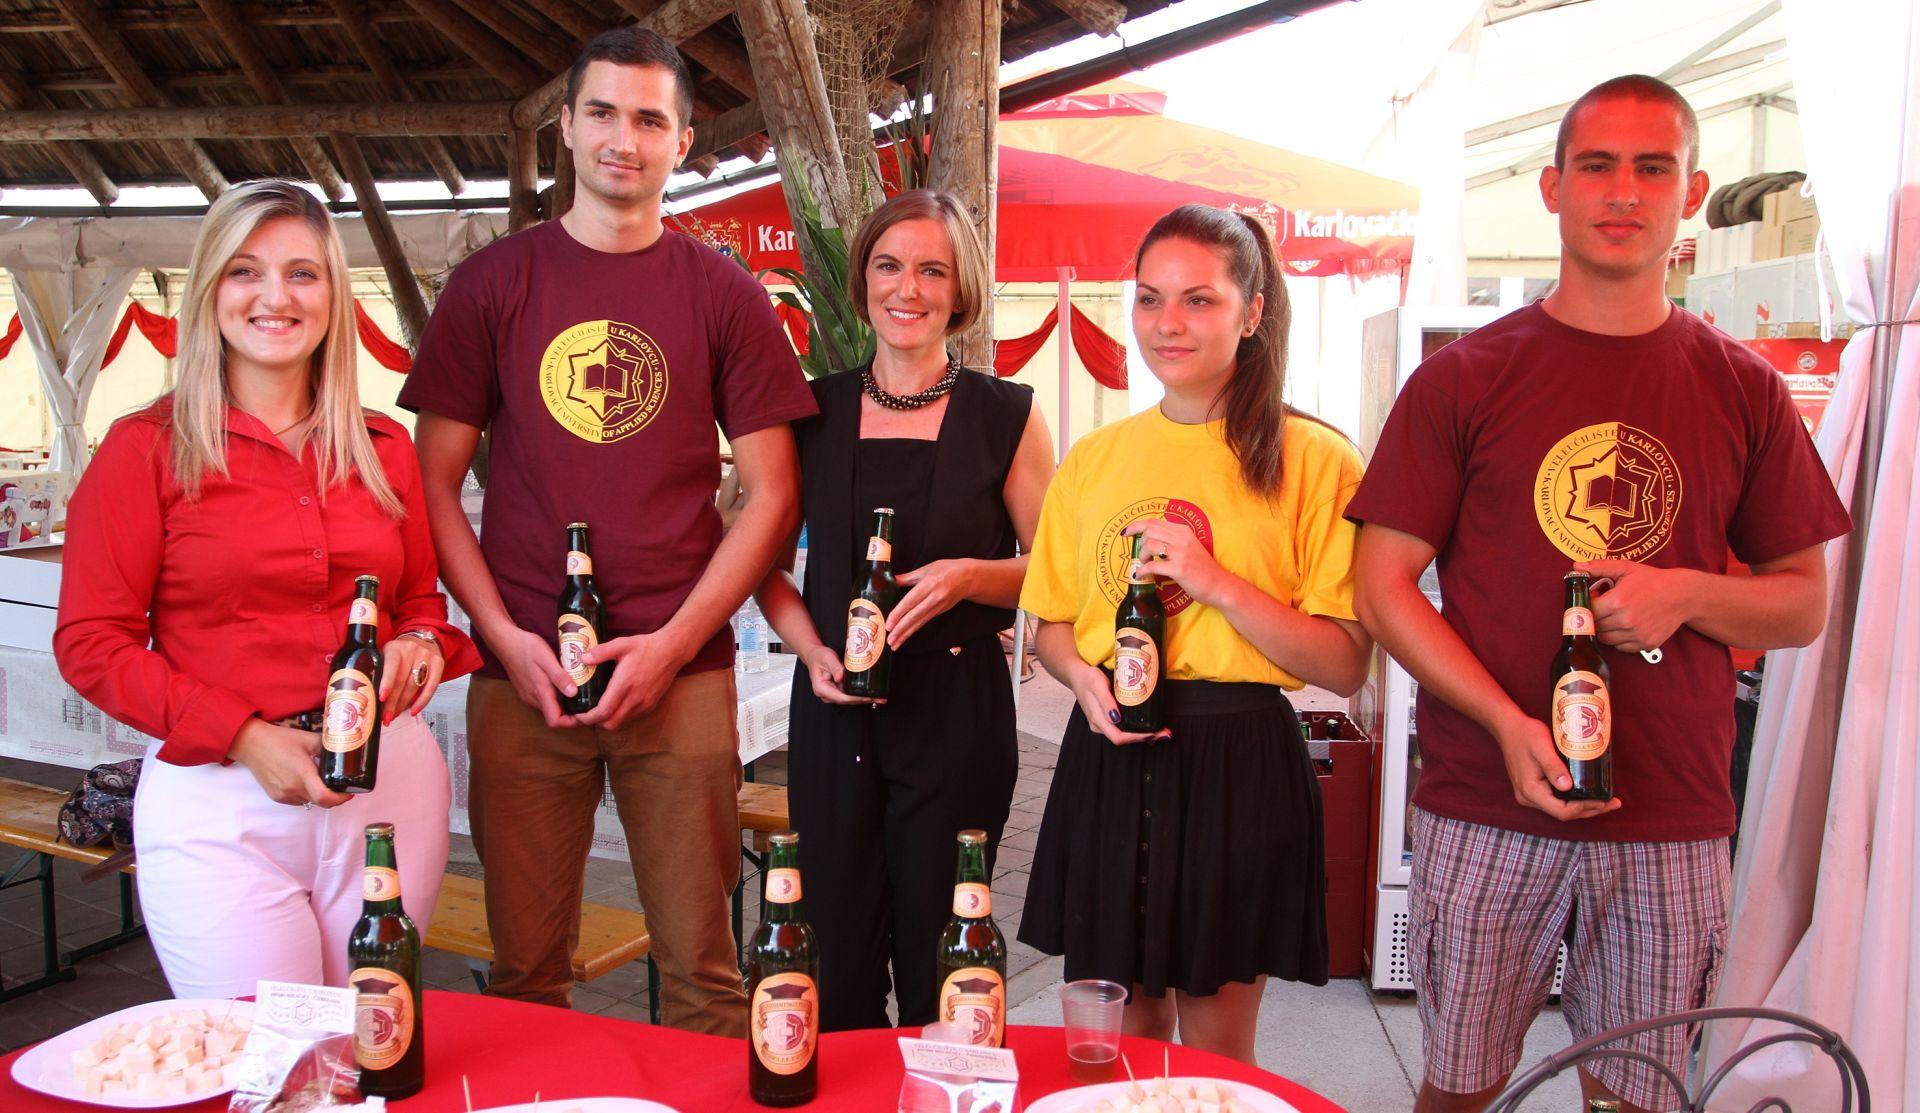 Predstavljeni novi proizvodi na Danima piva u Karlovcu